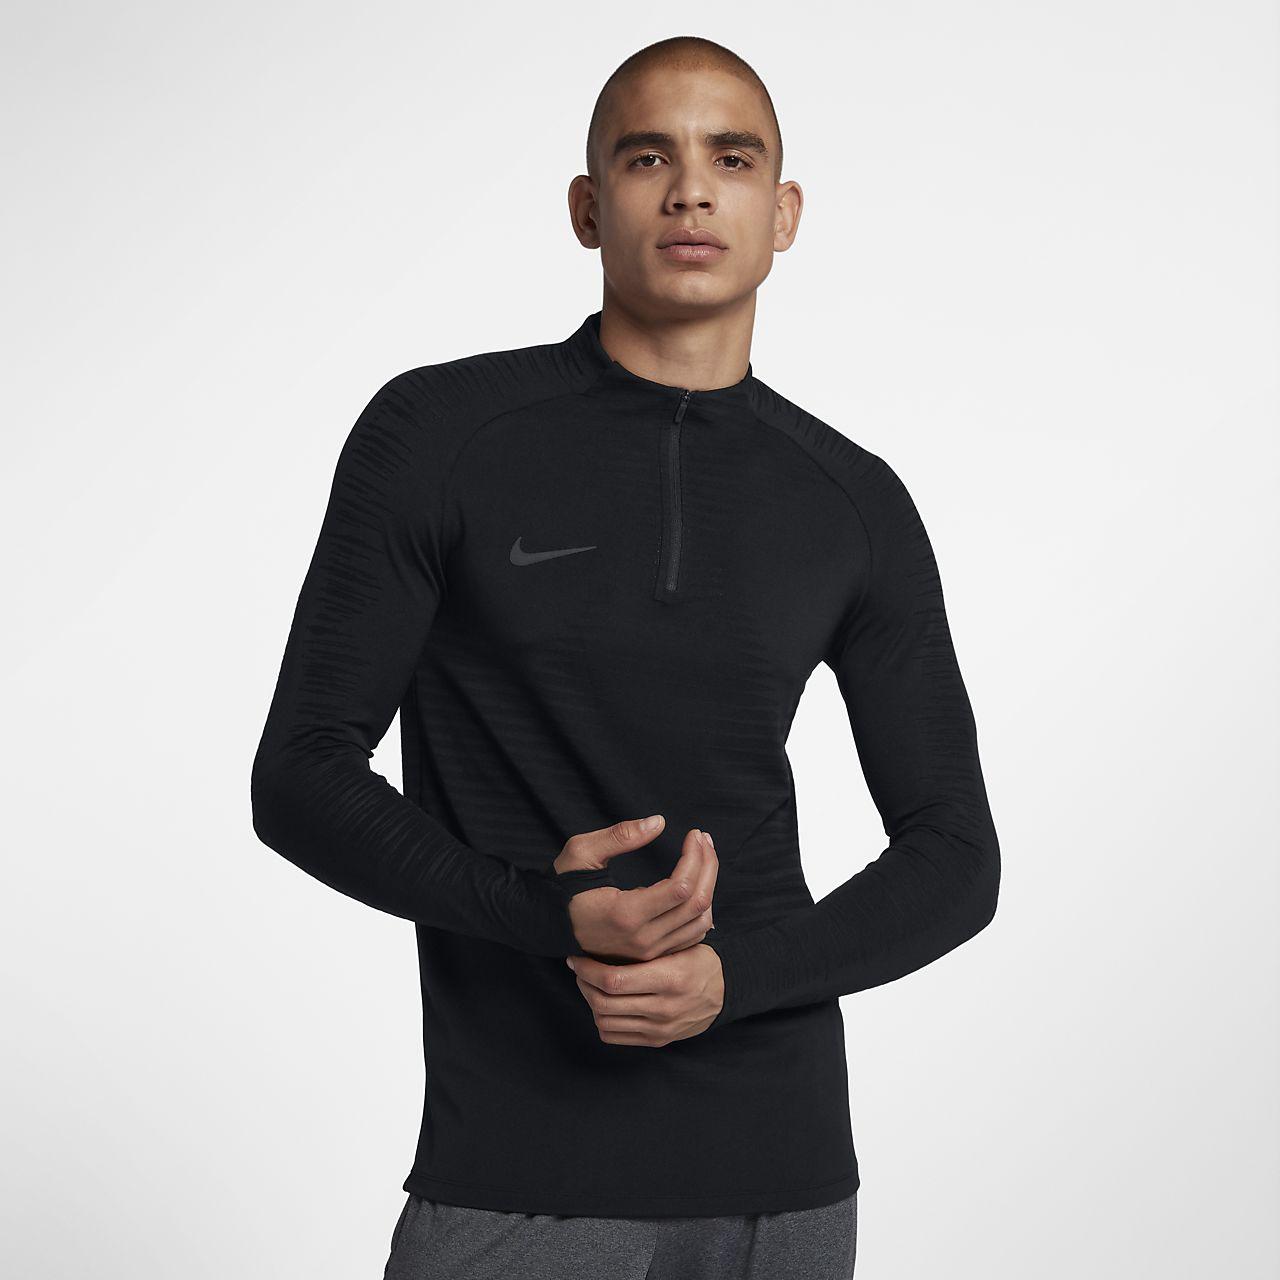 Camisola de futebol de manga comprida Nike VaporKnit Strike para homem